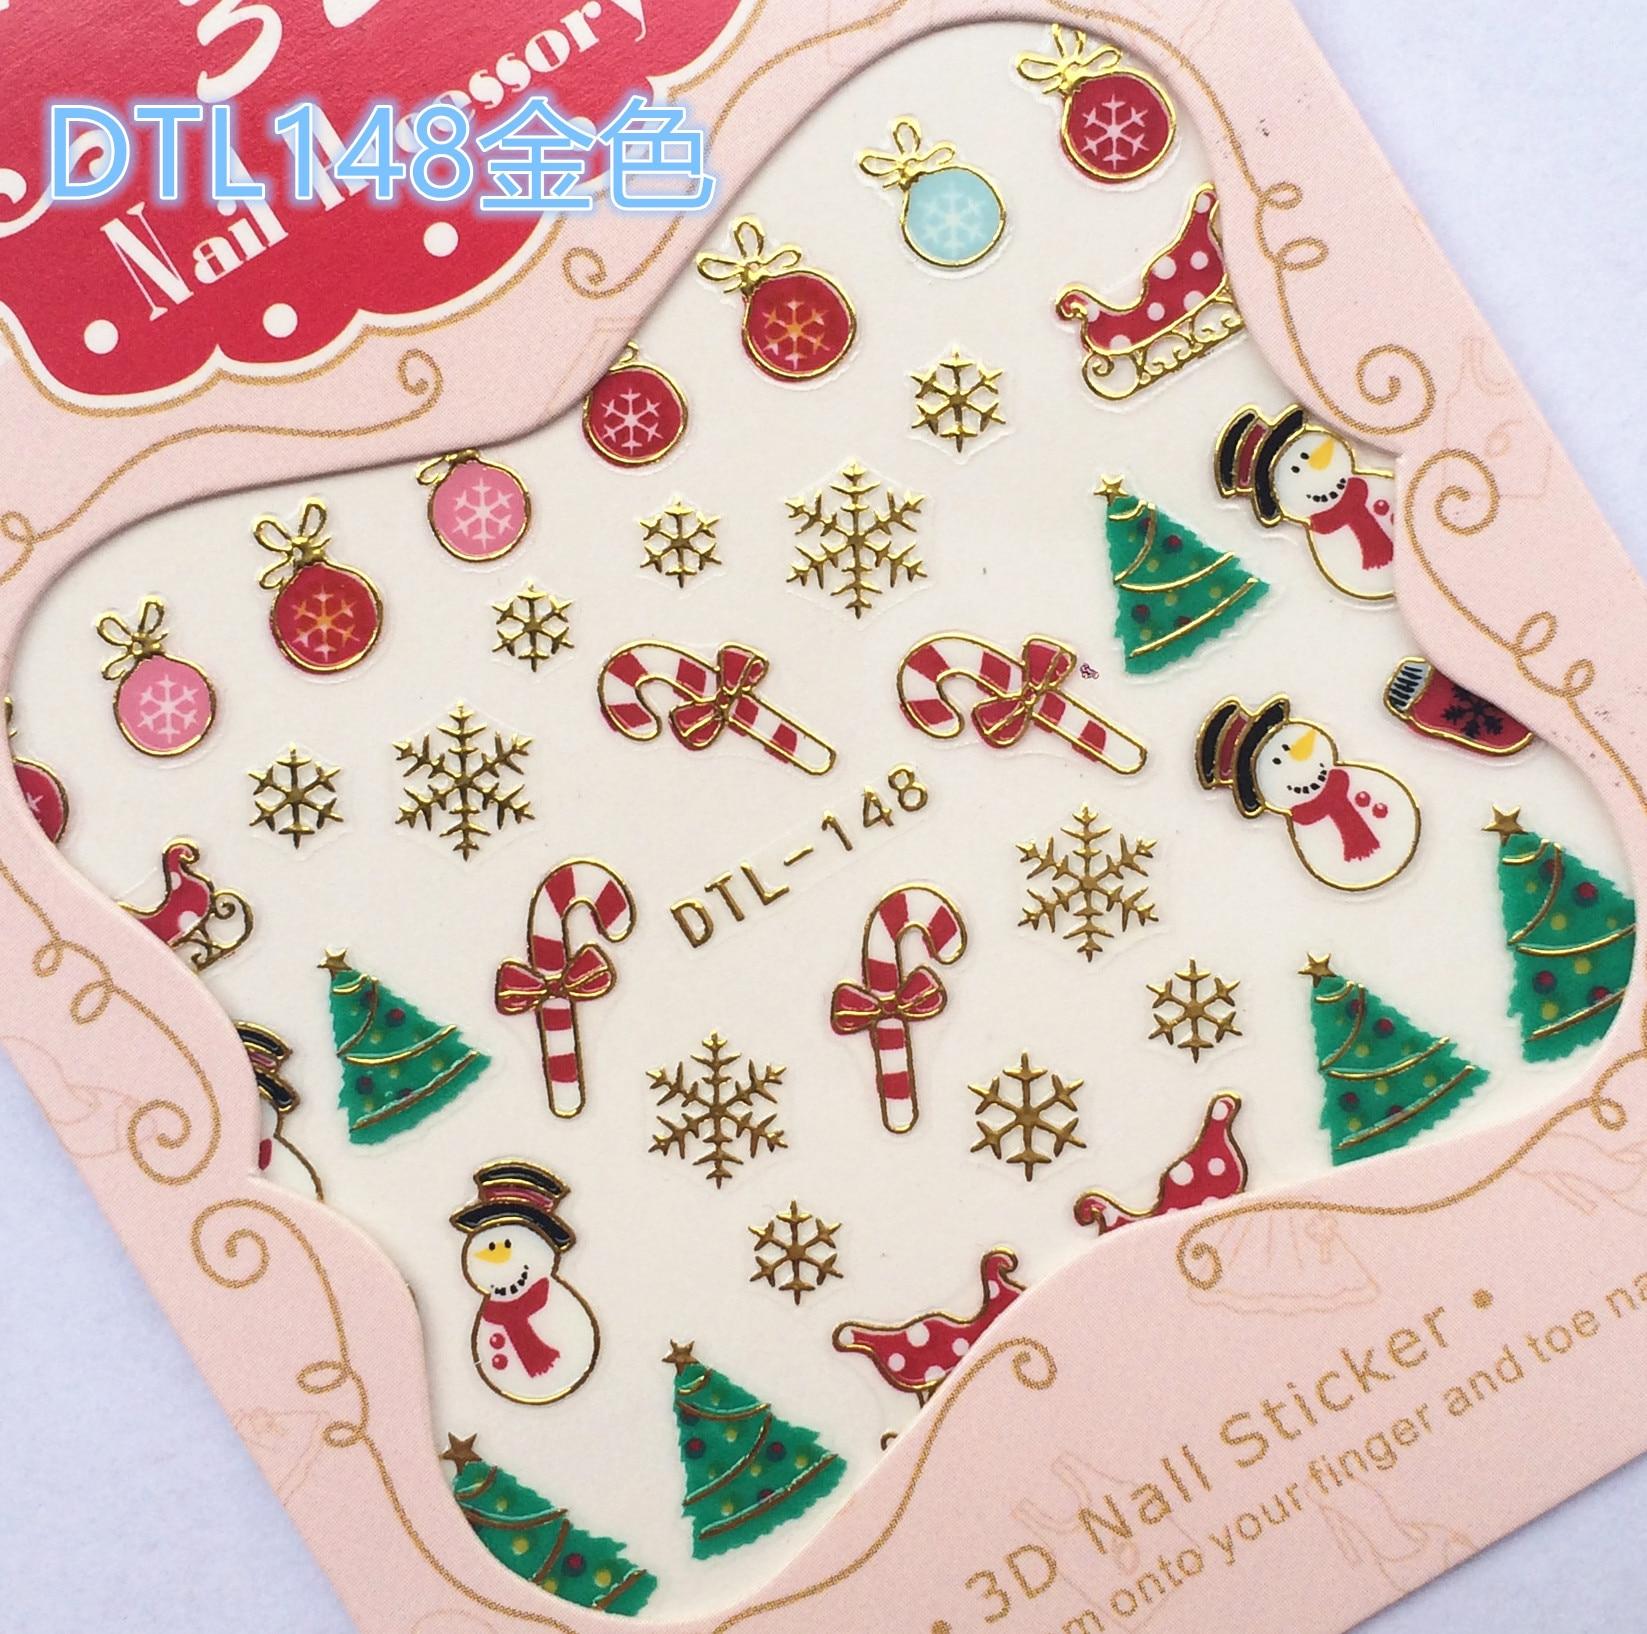 unhas-de-transferencia-de-Agua-art-sticker-3d-feliz-natal-ru2pcs-elementos-de-ouro-envoltorio-etiqueta-do-prego-dicas-adesivos-para-unhas-de-manicura